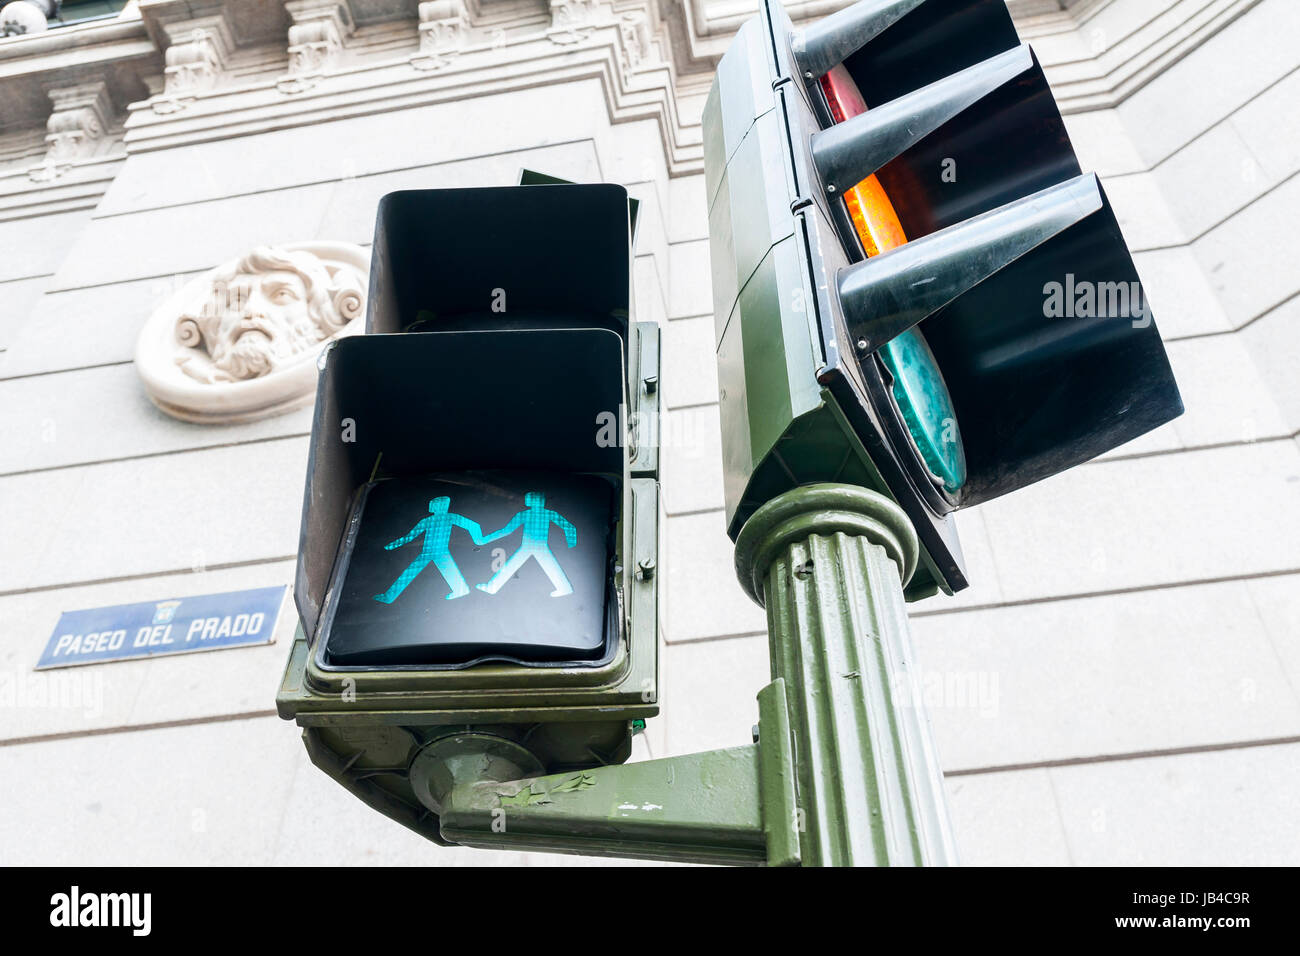 Semáforos lgtbi instalados en Madrid con motivo del día del orgullo gay. - Stock Image